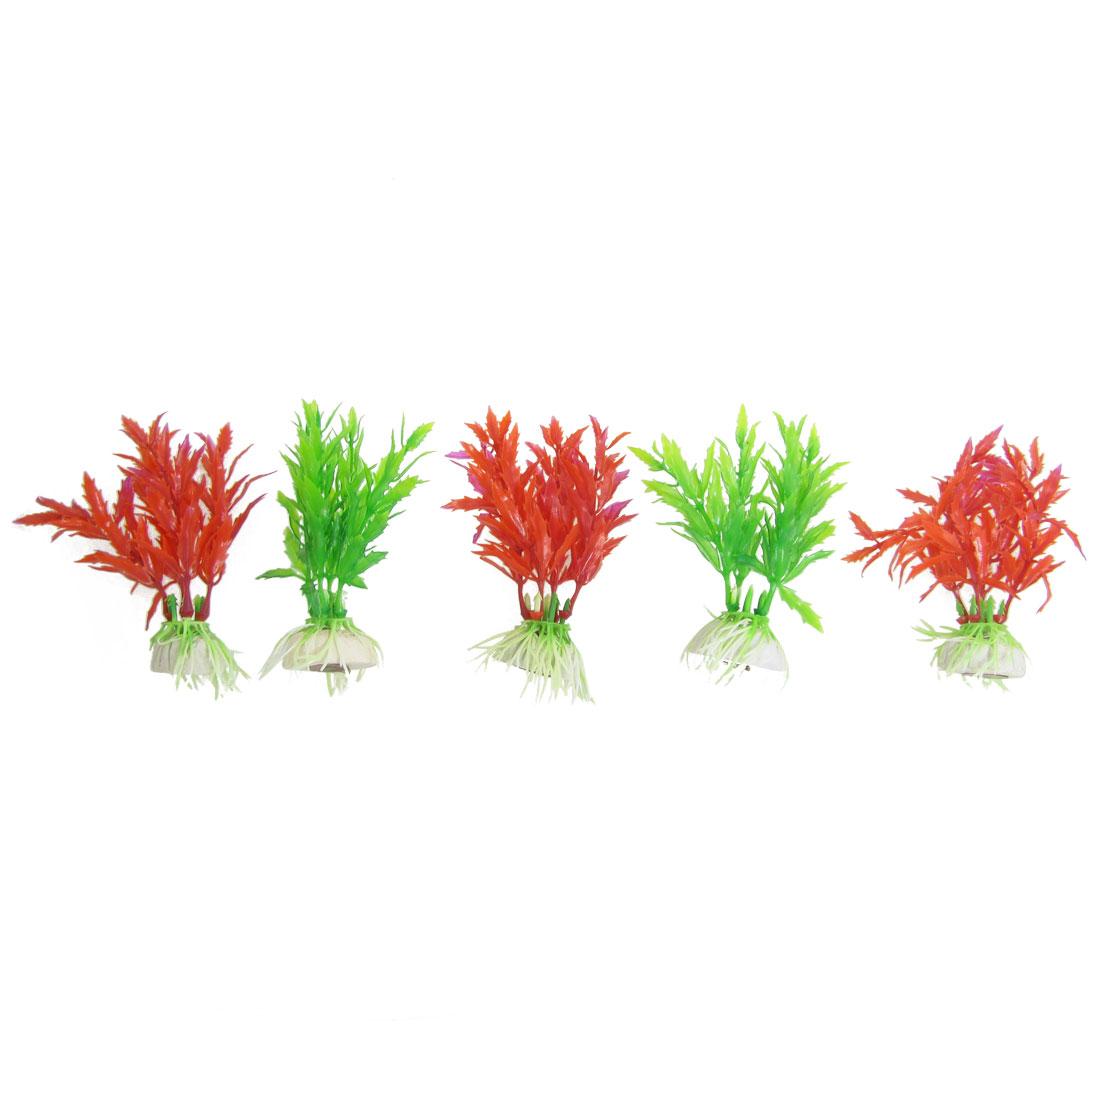 5 Pcs Aquarium Green Red Plastic Artificial Aquatic Grass Plant Adorn